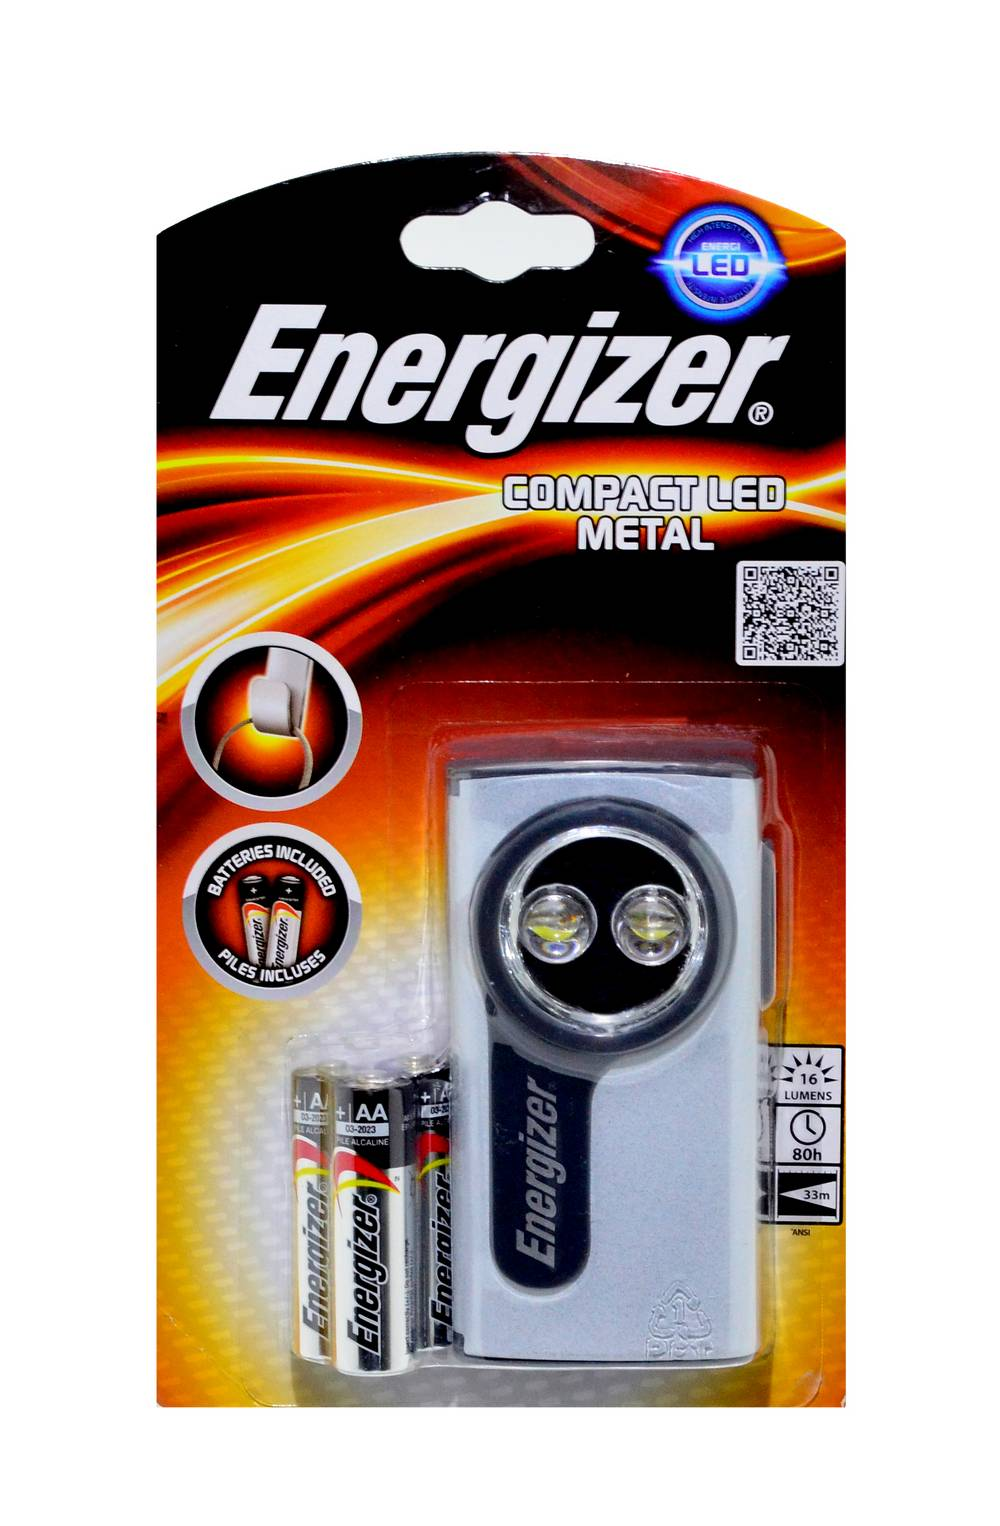 Φακός Μεταλλικός Energizer 2 Led 16 Lumens με Μπαταρίες AA σε Διάφορα Χρώματα